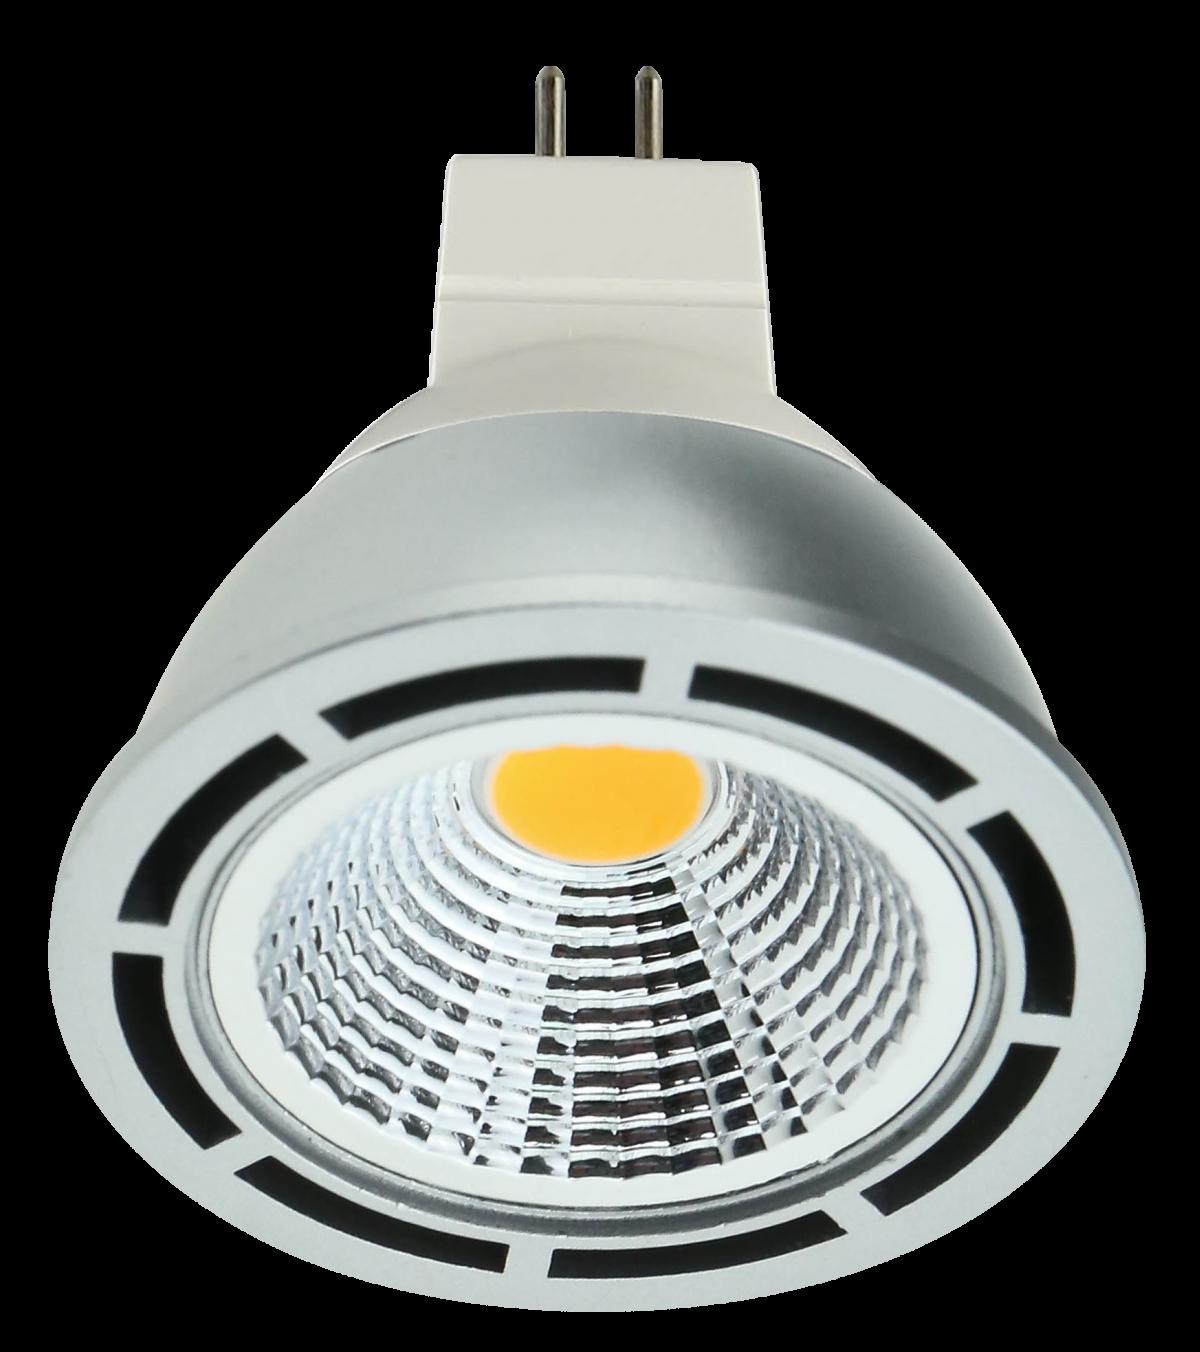 Mr16 Led Downlights Uk: LED Lighting UK